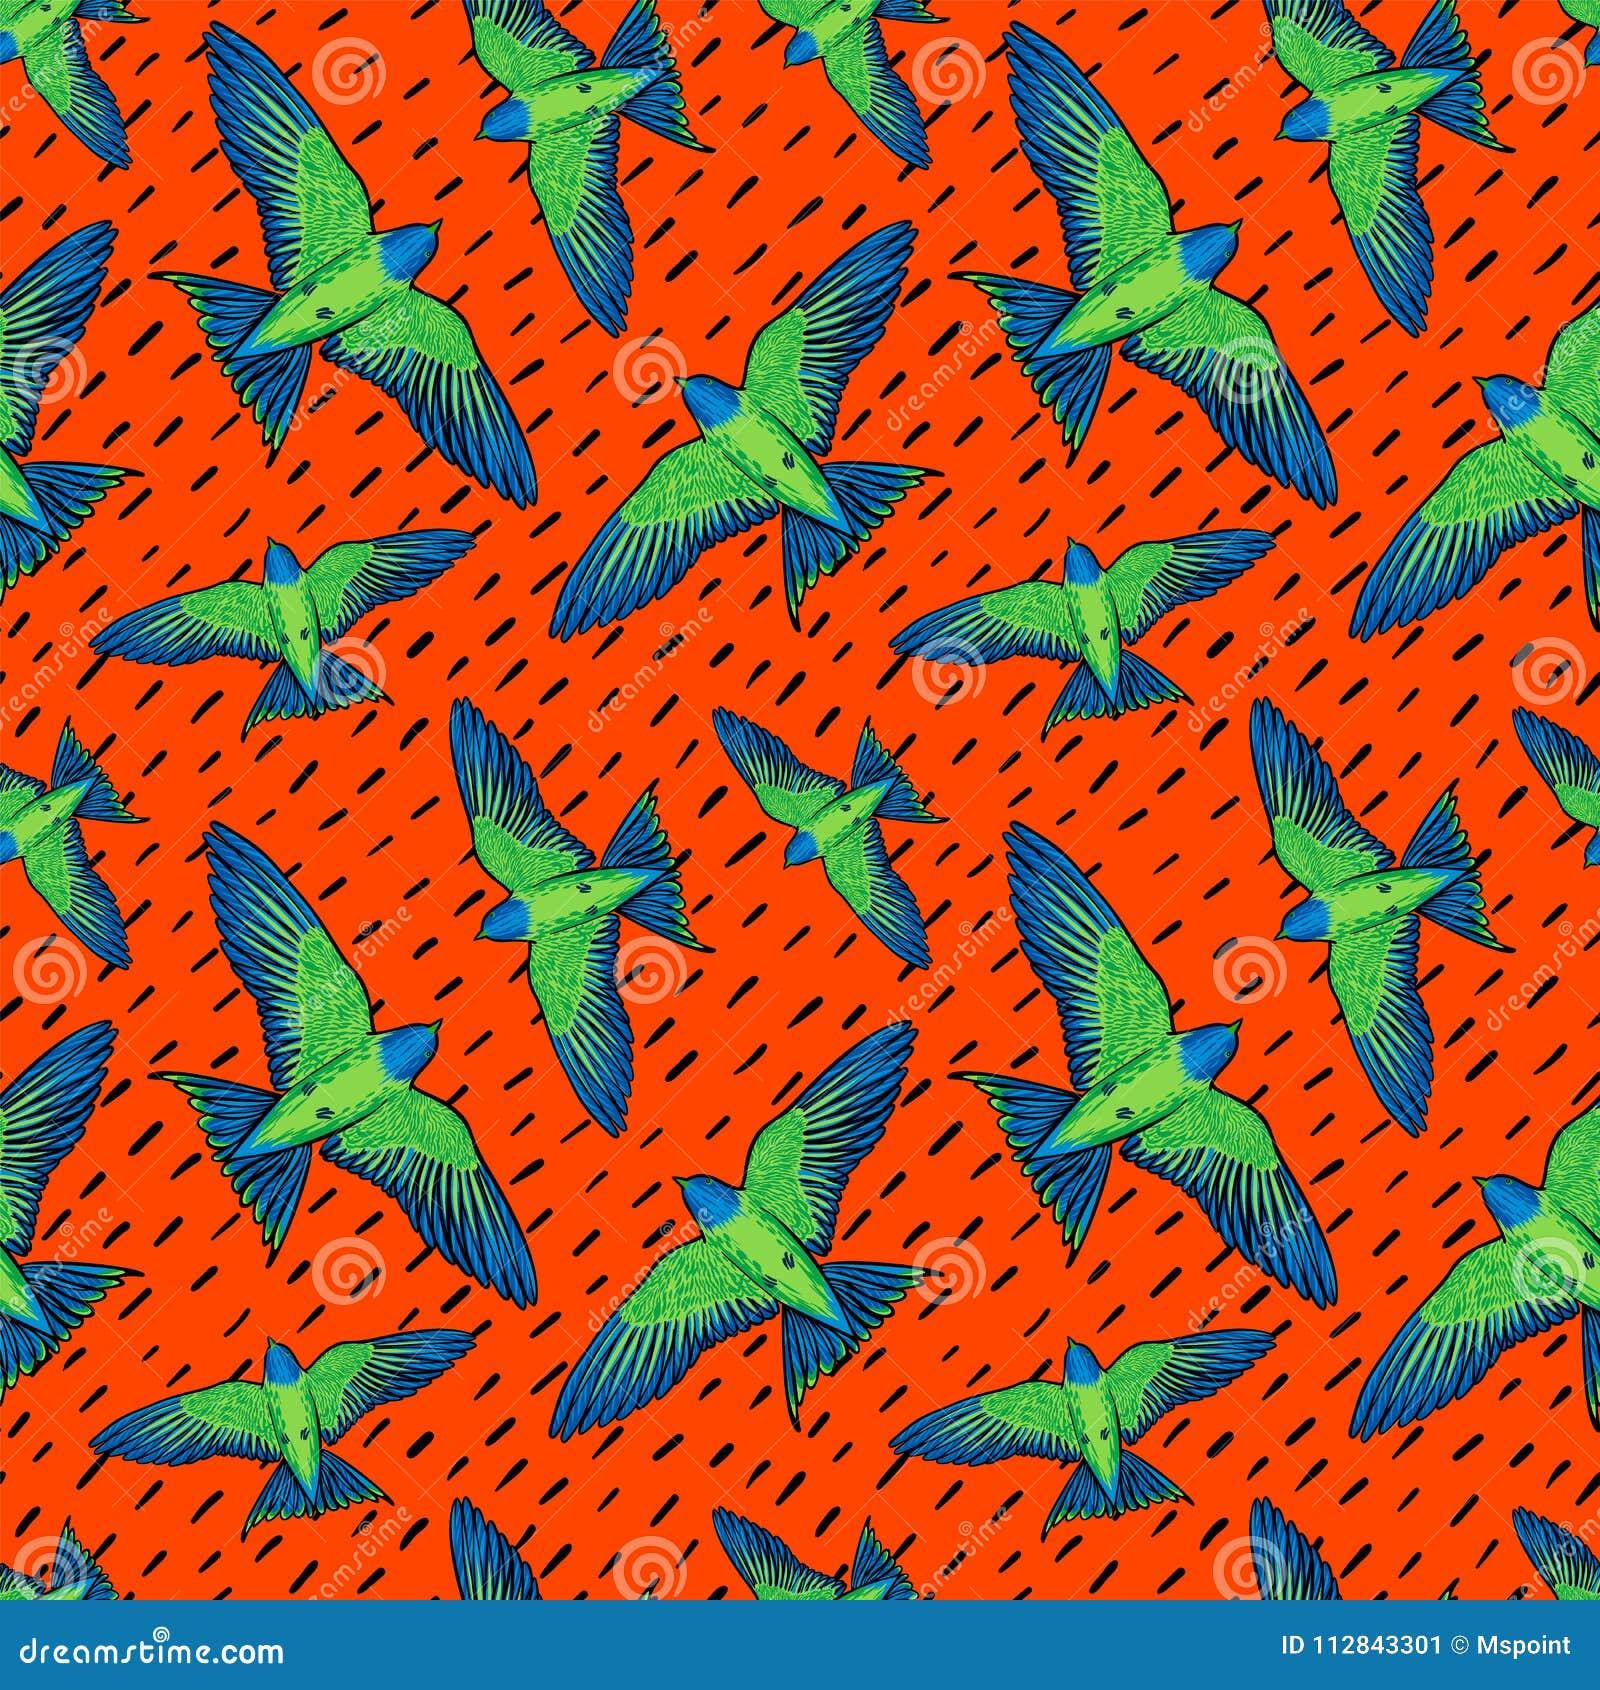 Levendig Vogels naadloos patroon Kleurrijke textuur met groene papegaaien op oranje achtergrond Tropische vogelsachtergrond voor